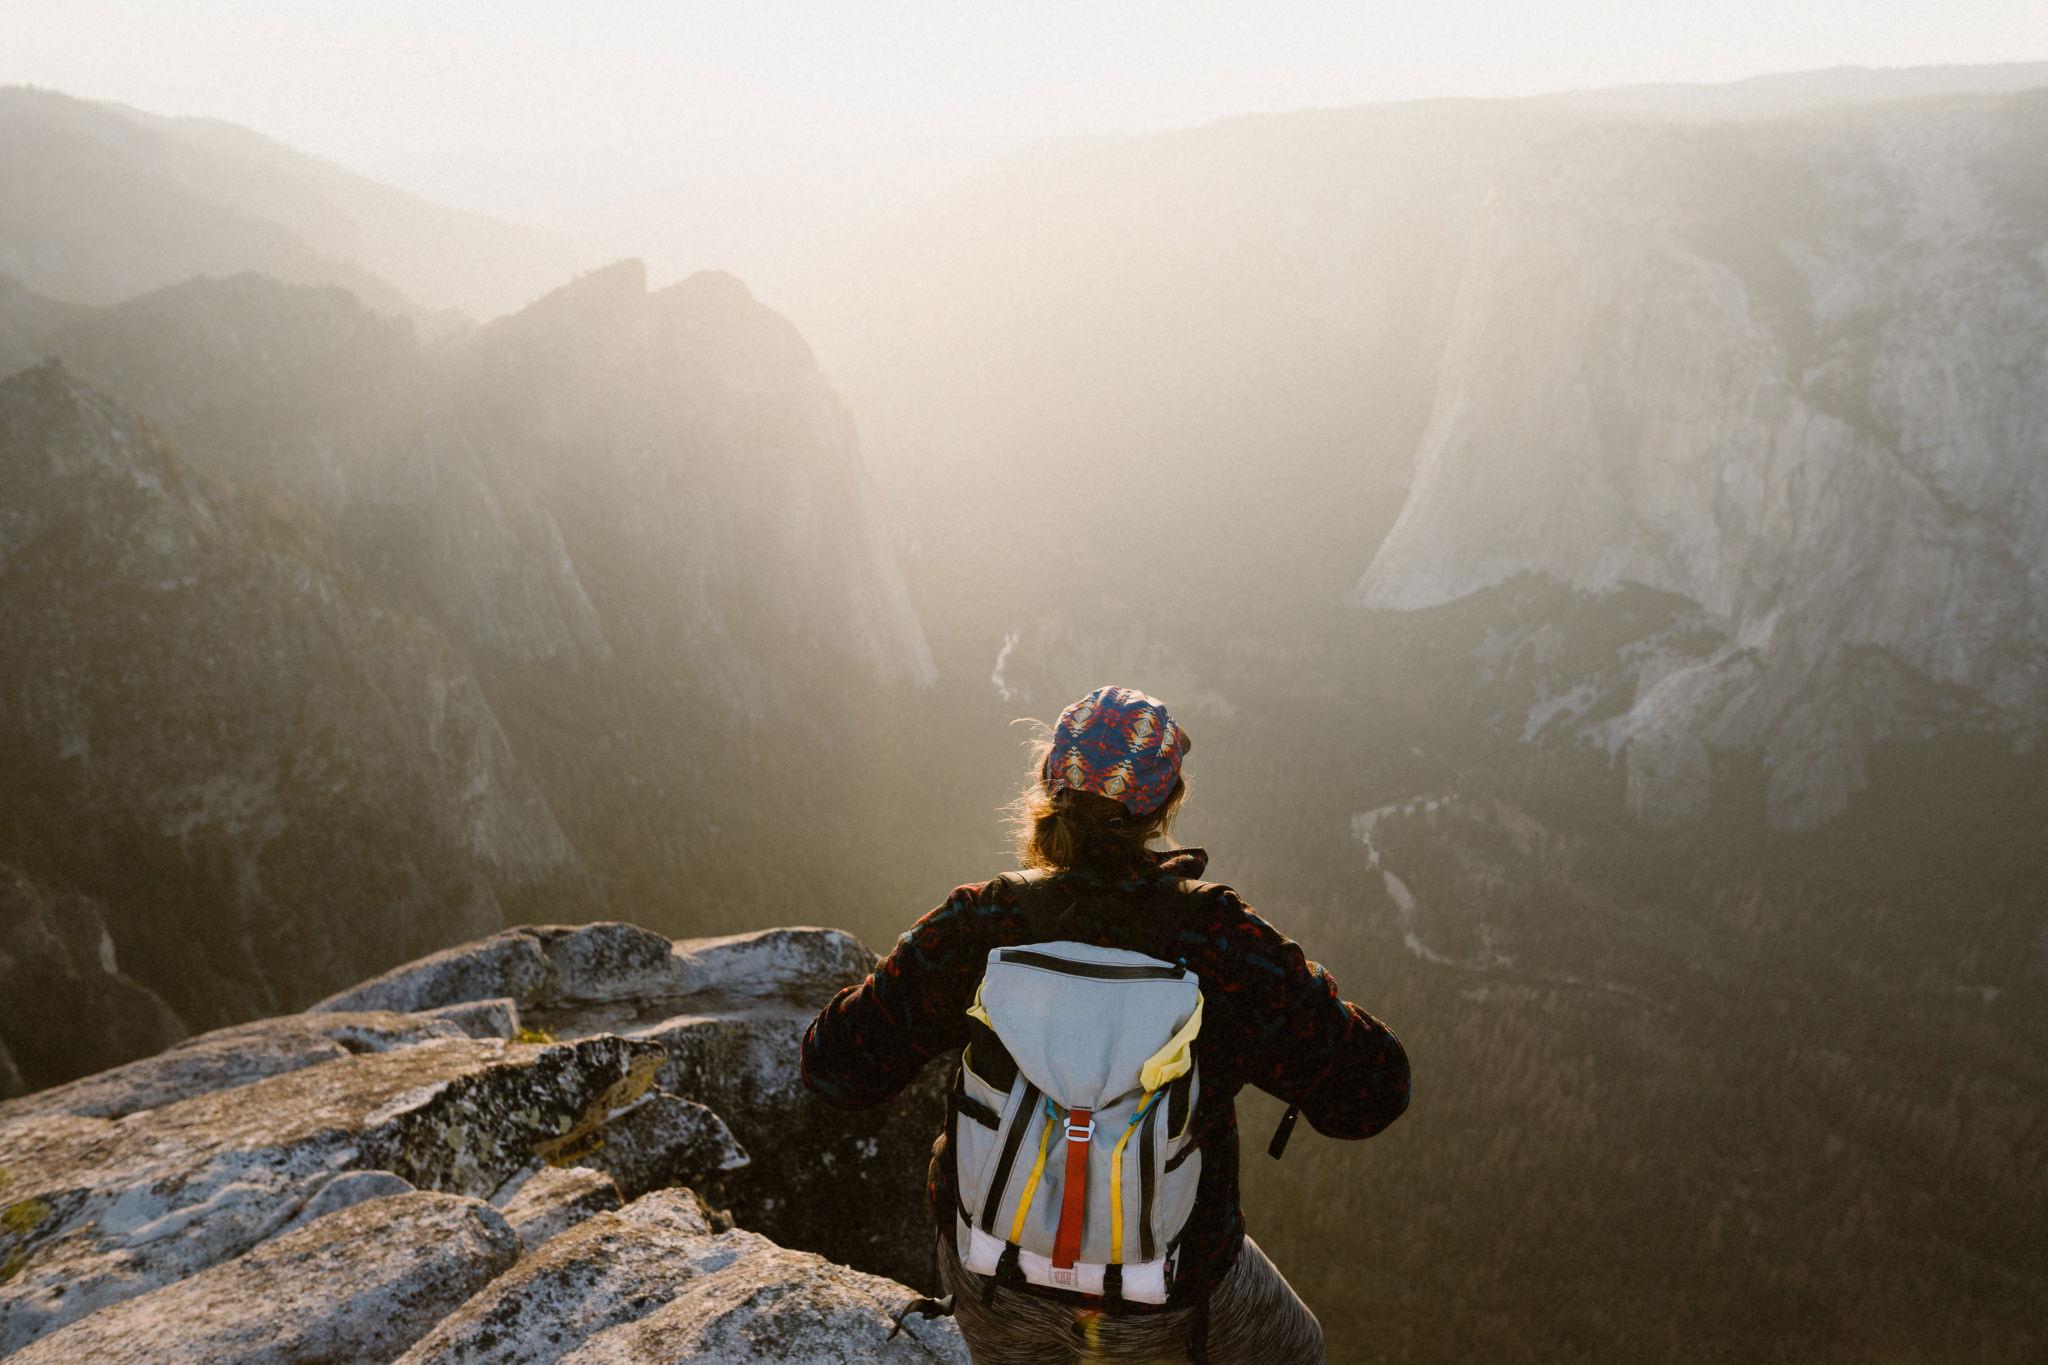 20160820_Yosemite_0156-Exposure.jpg